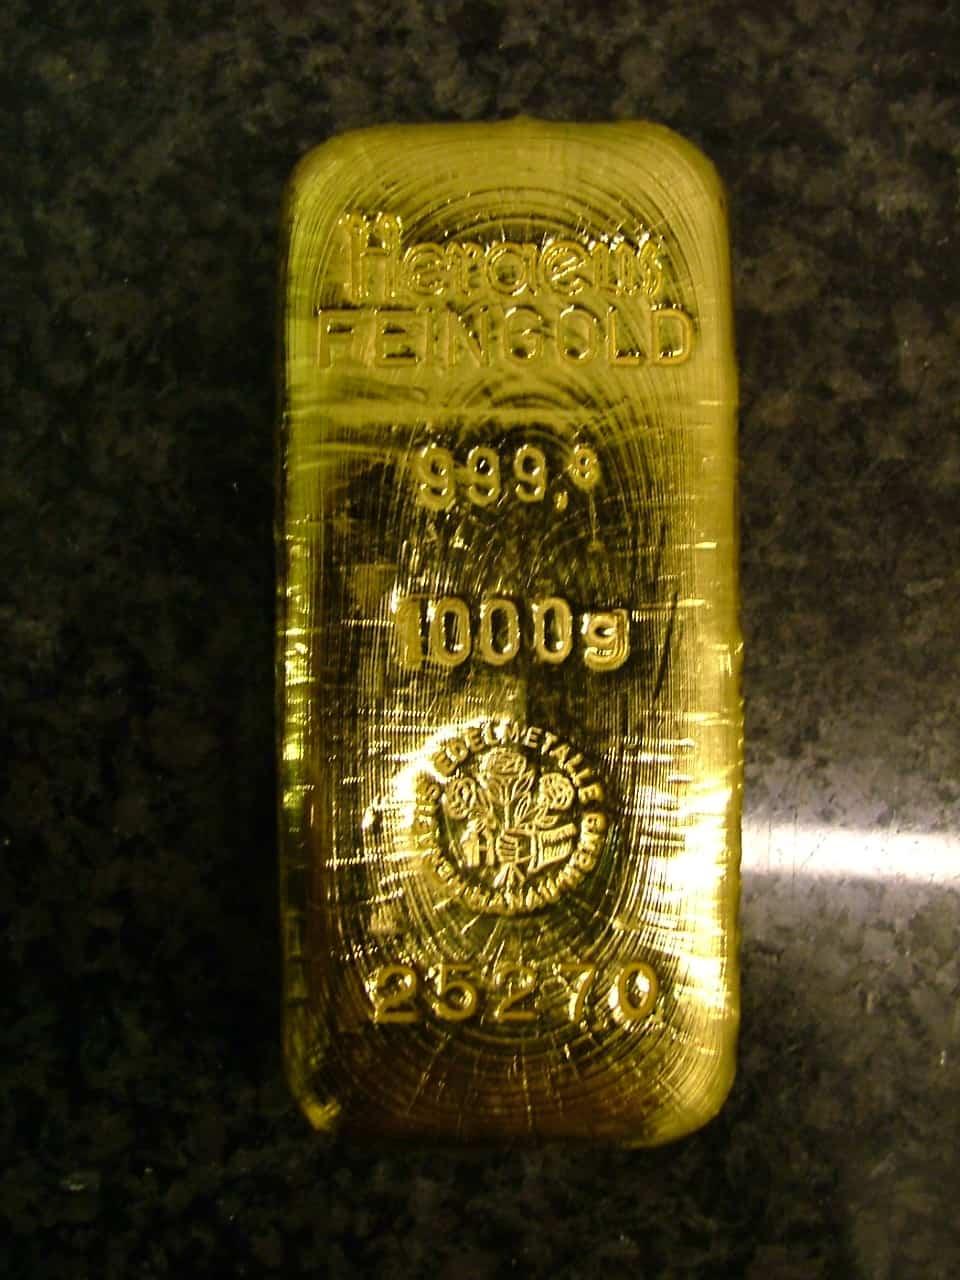 Aranyat venni vagy eladni? Megéri egyáltalán?